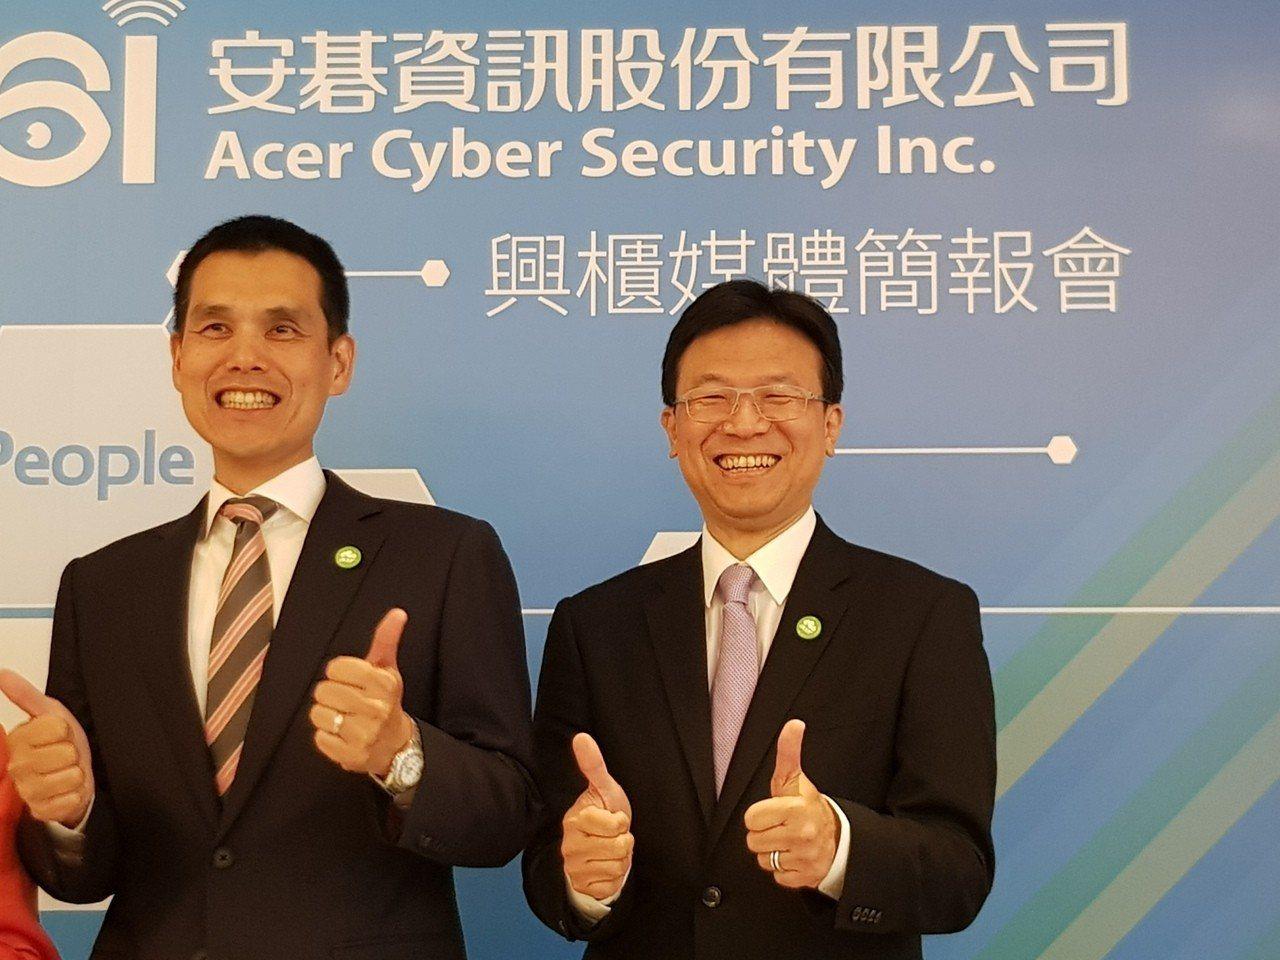 安碁資訊董事長施宣輝(左)與總經理吳乙南。(記者曾仁凱/攝影)